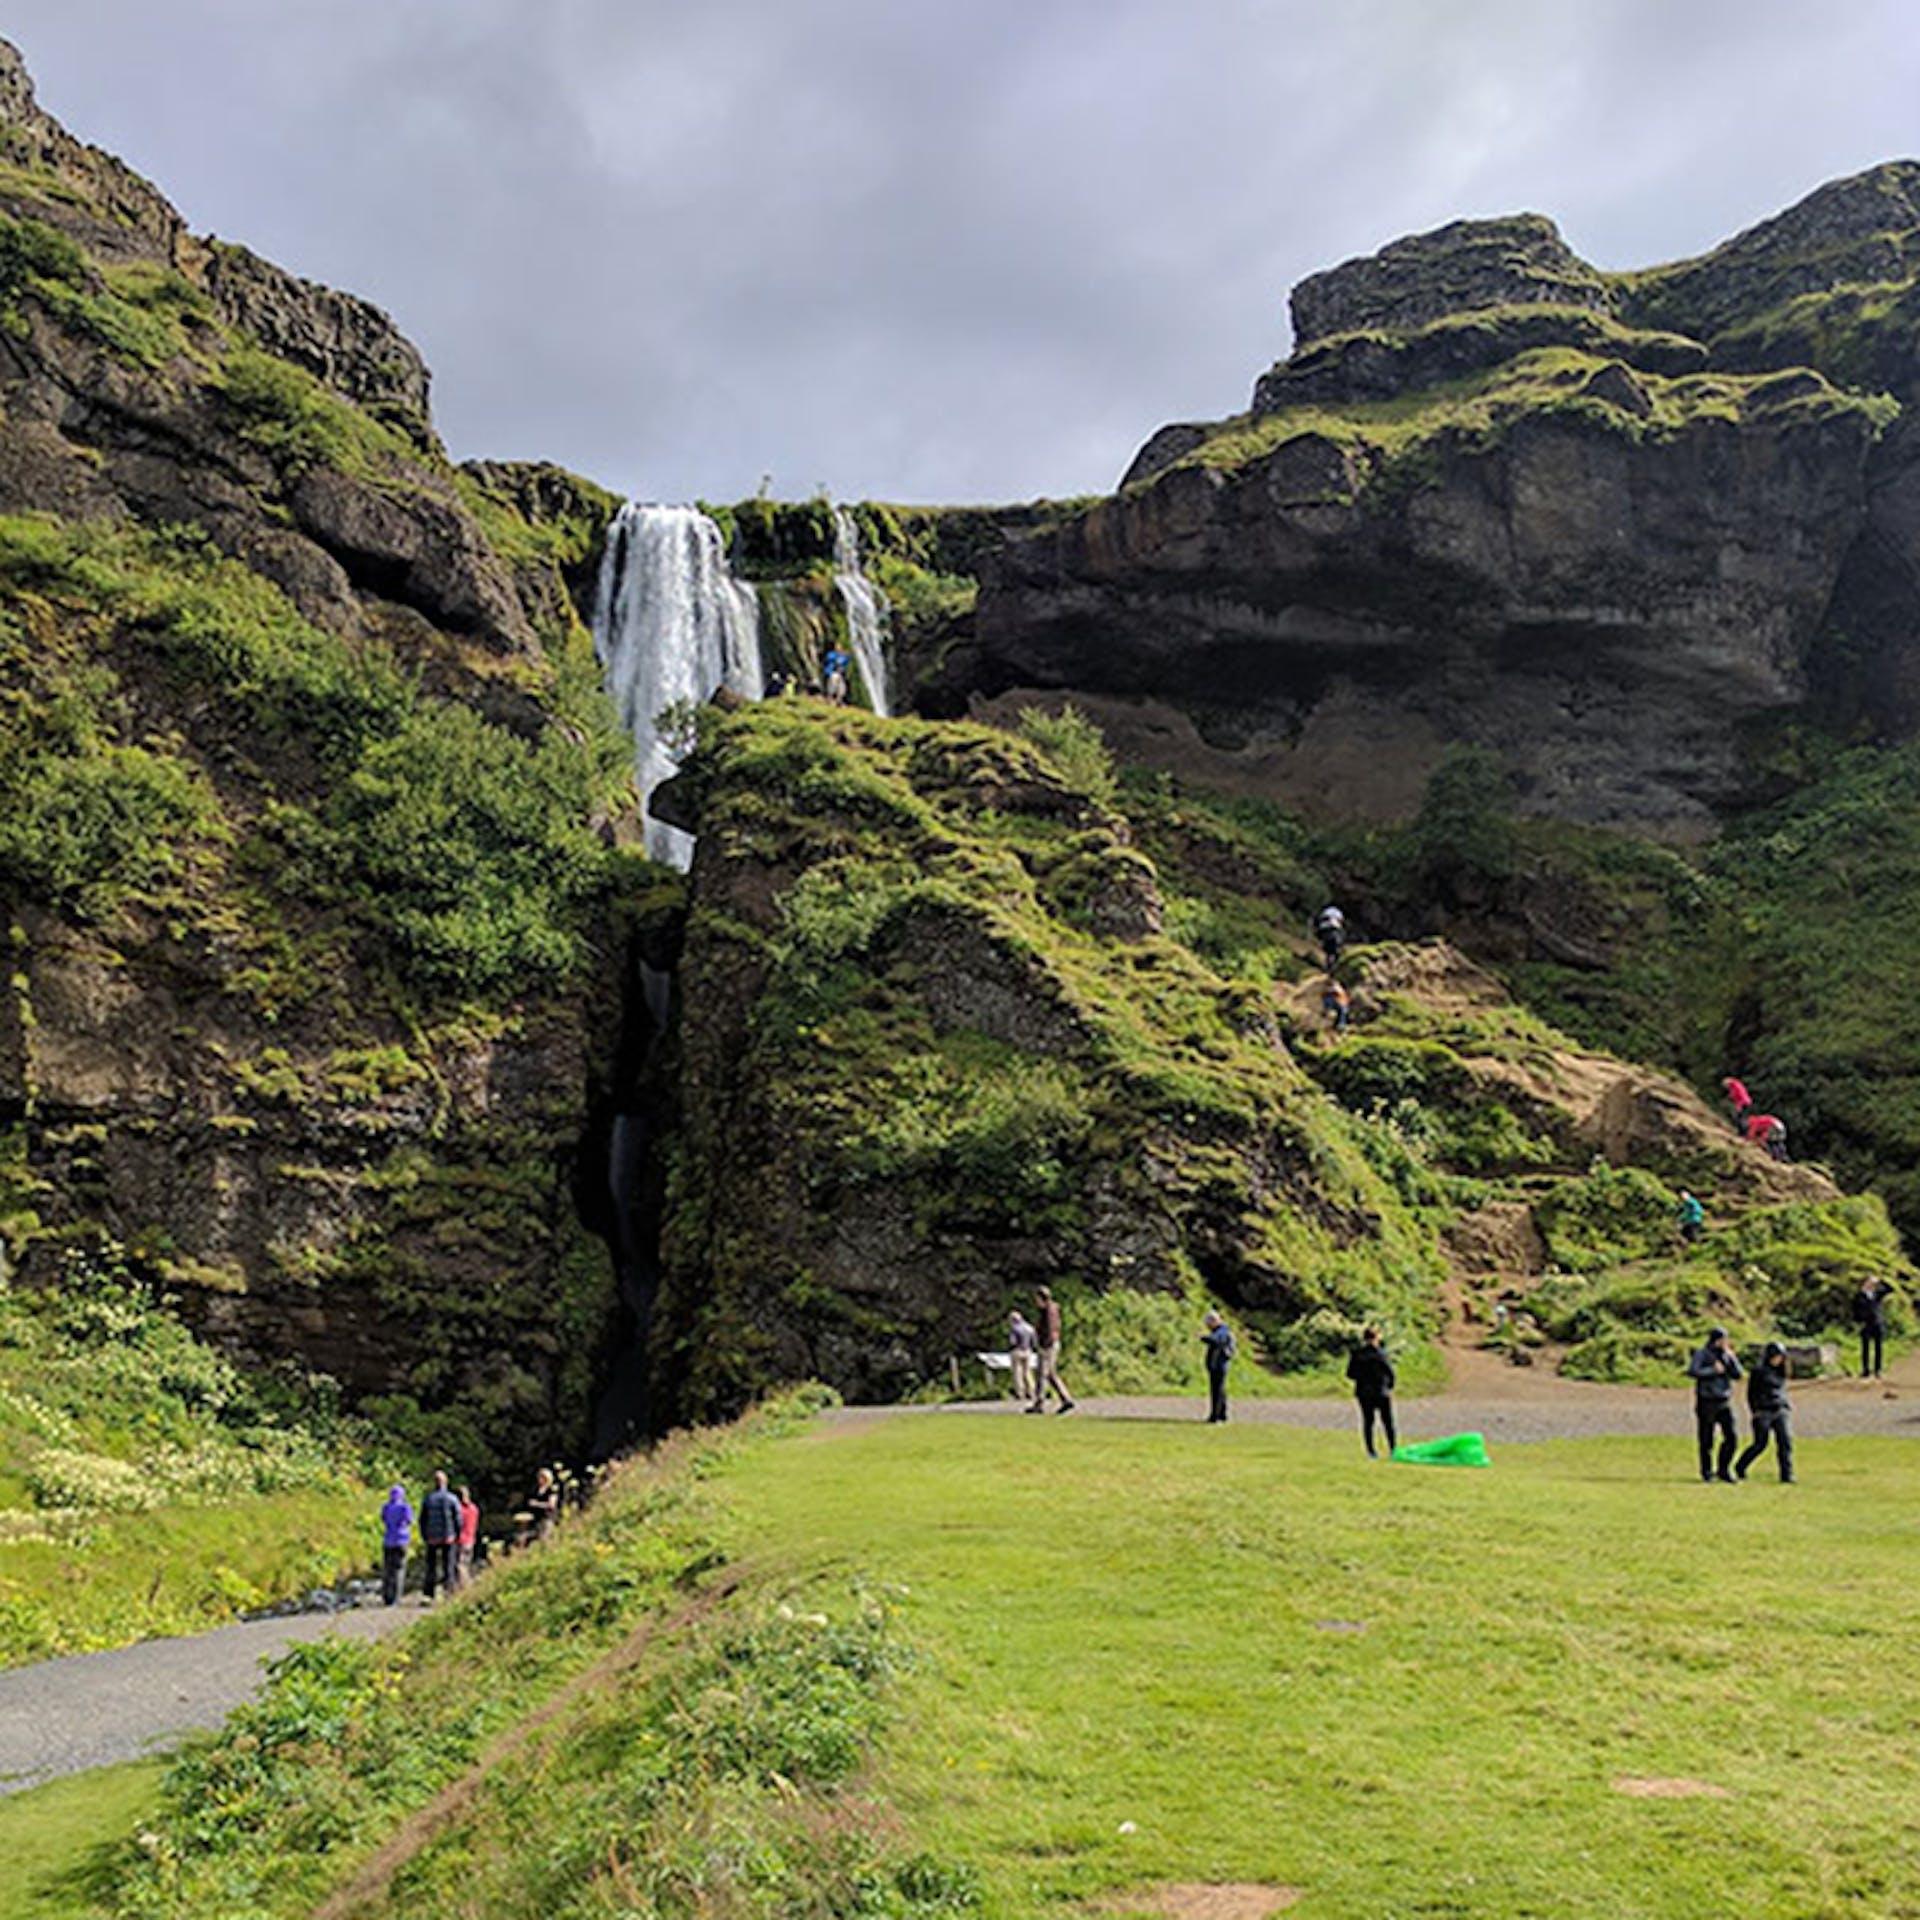 Ferðamenn á Íslandi